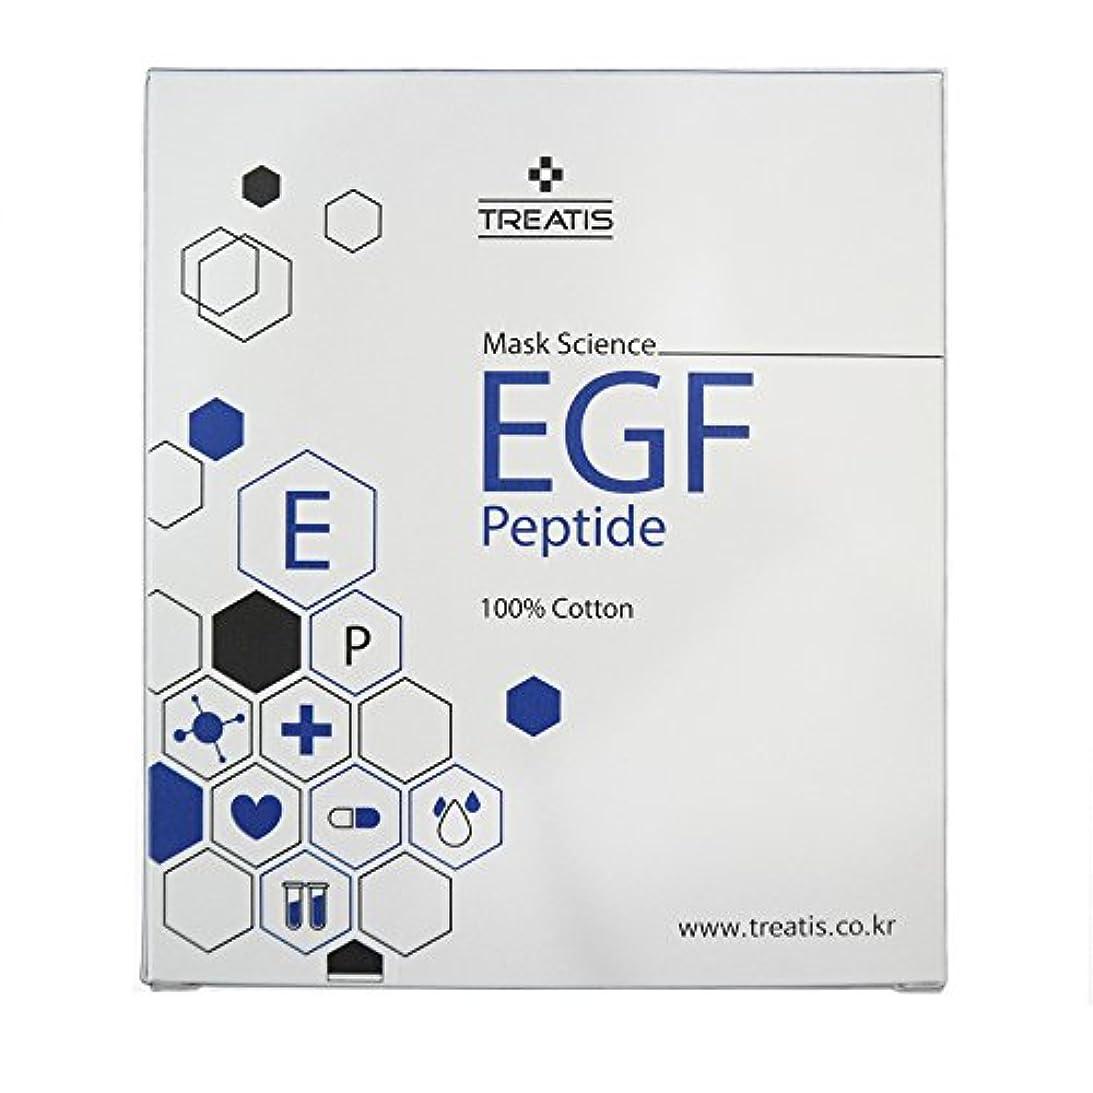 明らかにする納屋同化する贈呈品ありTREATIS EGF PEPTIDE MASK PACK (10 Sheet) [並行輸入品]